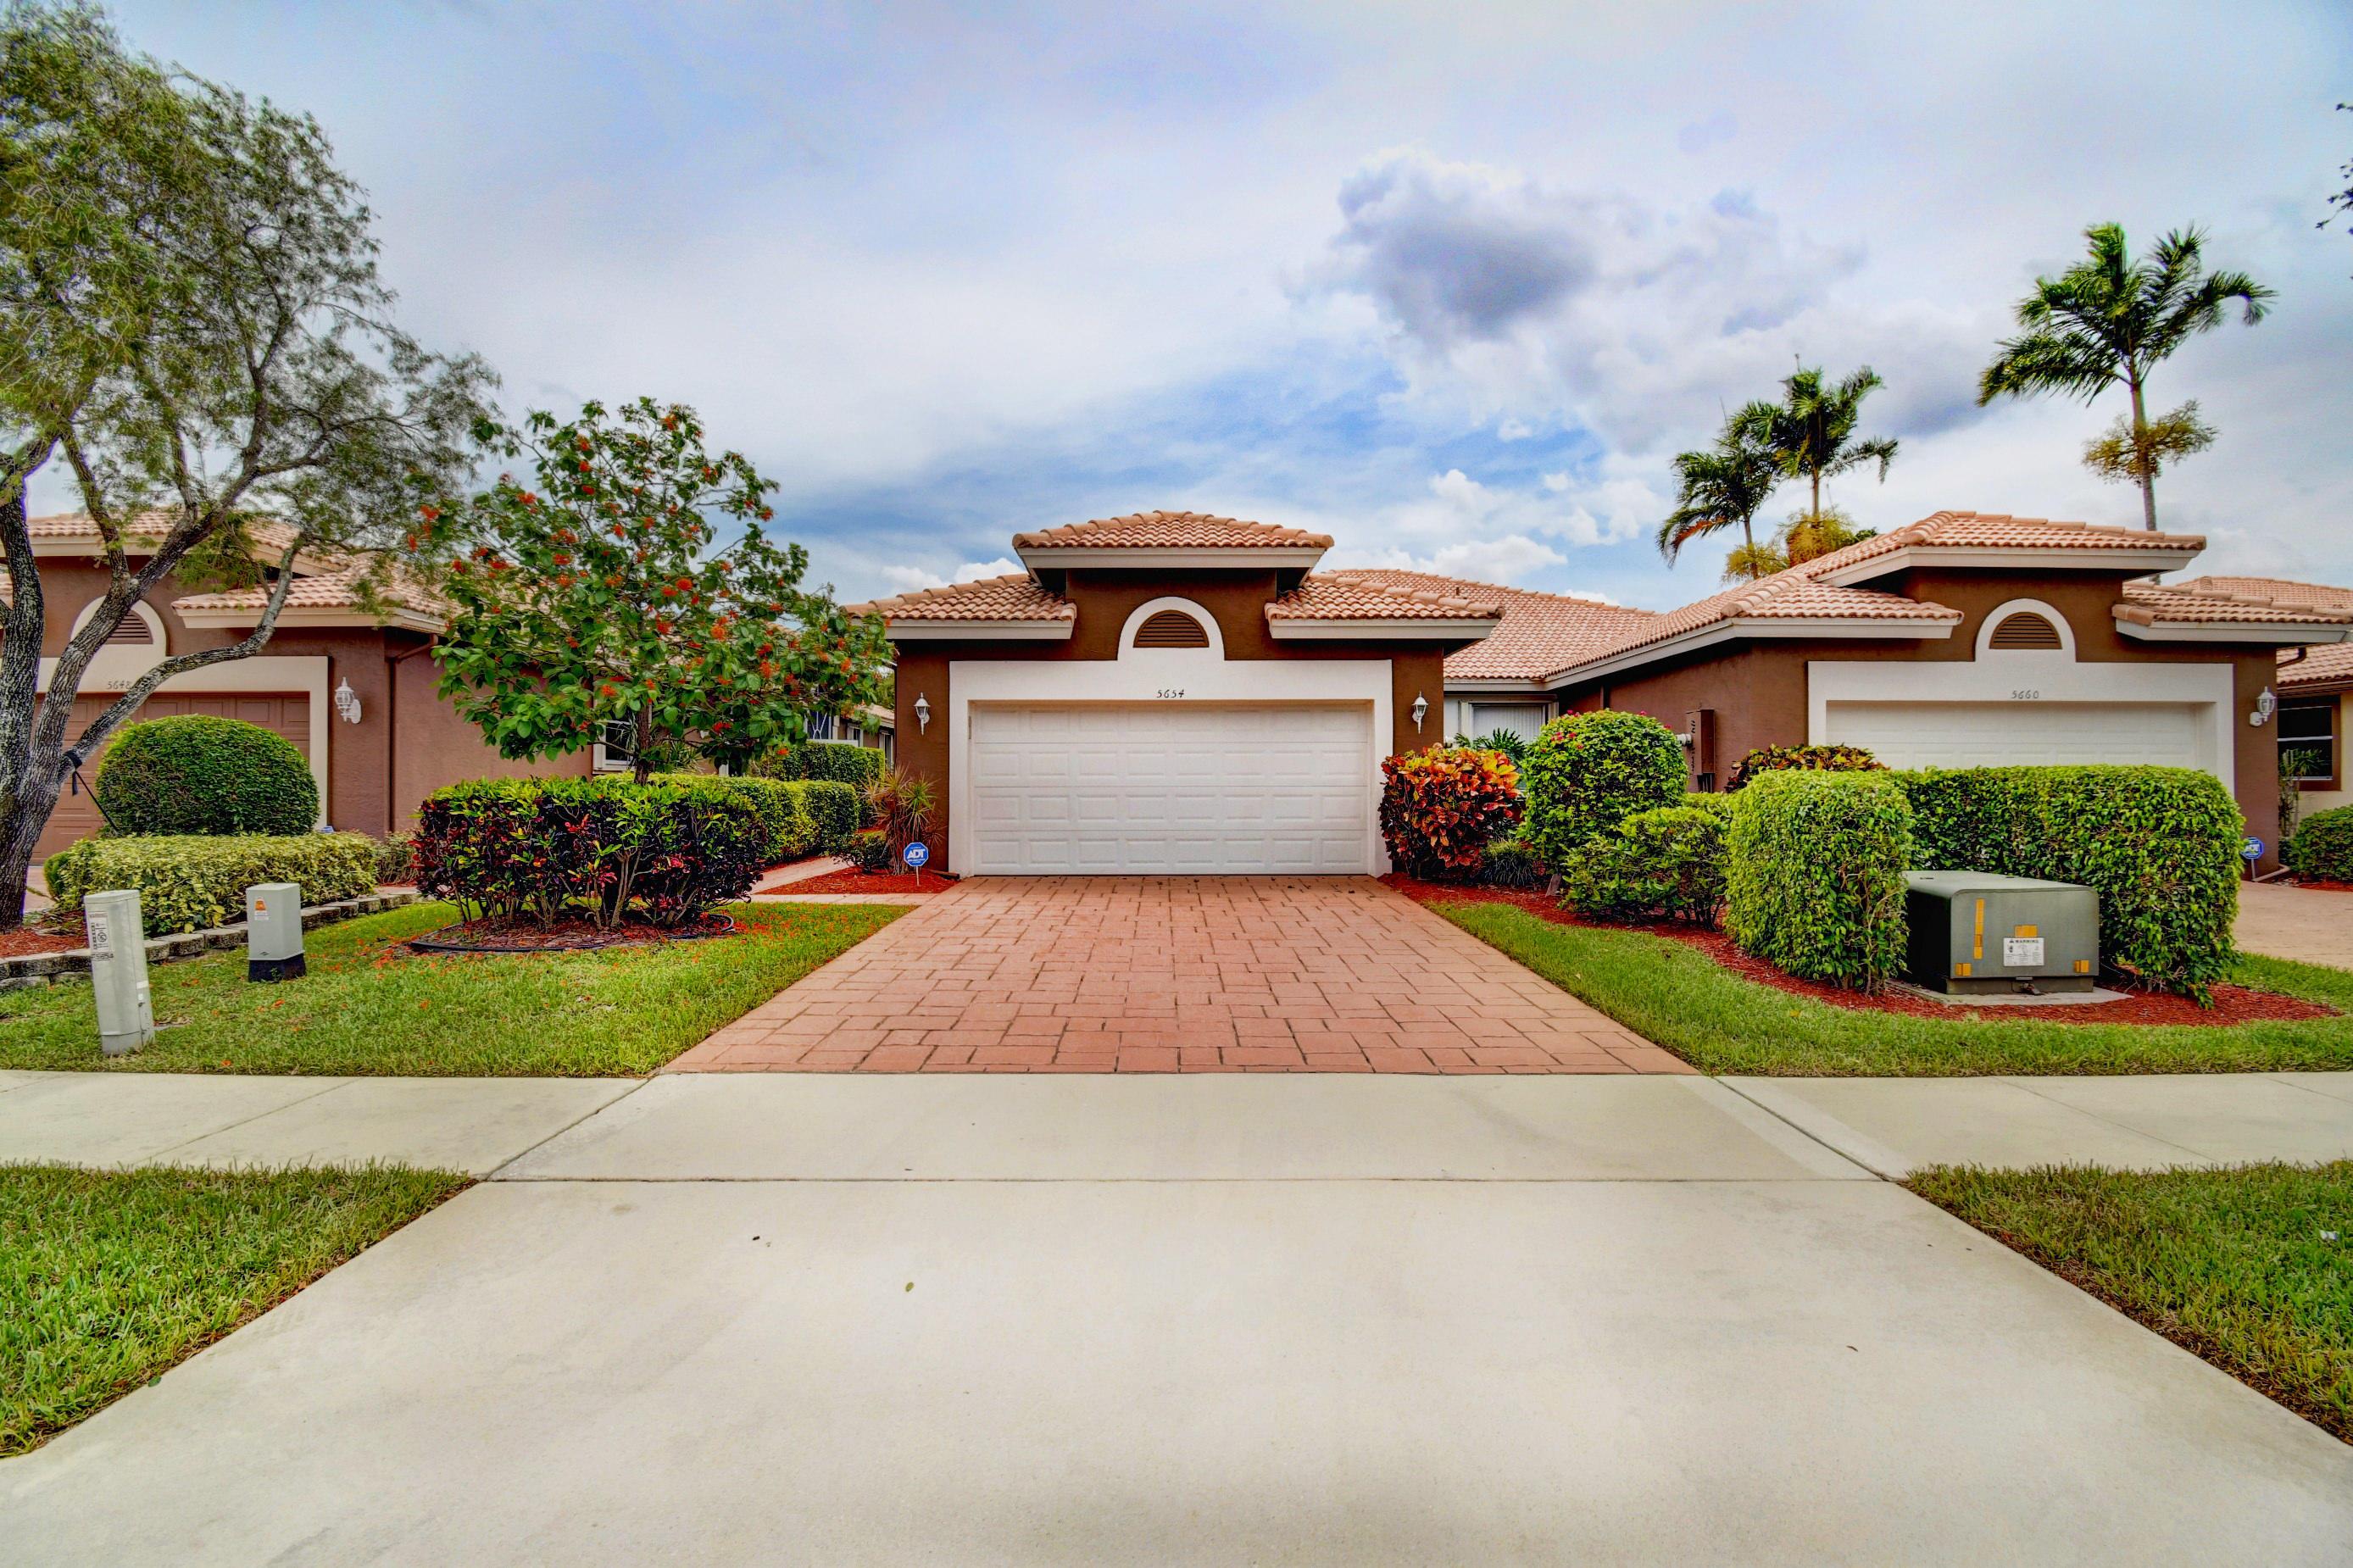 5654 Emerald Cay Terrace, Boynton Beach, Florida 33437, 3 Bedrooms Bedrooms, ,2 BathroomsBathrooms,A,Villa,Emerald Cay,RX-10617249